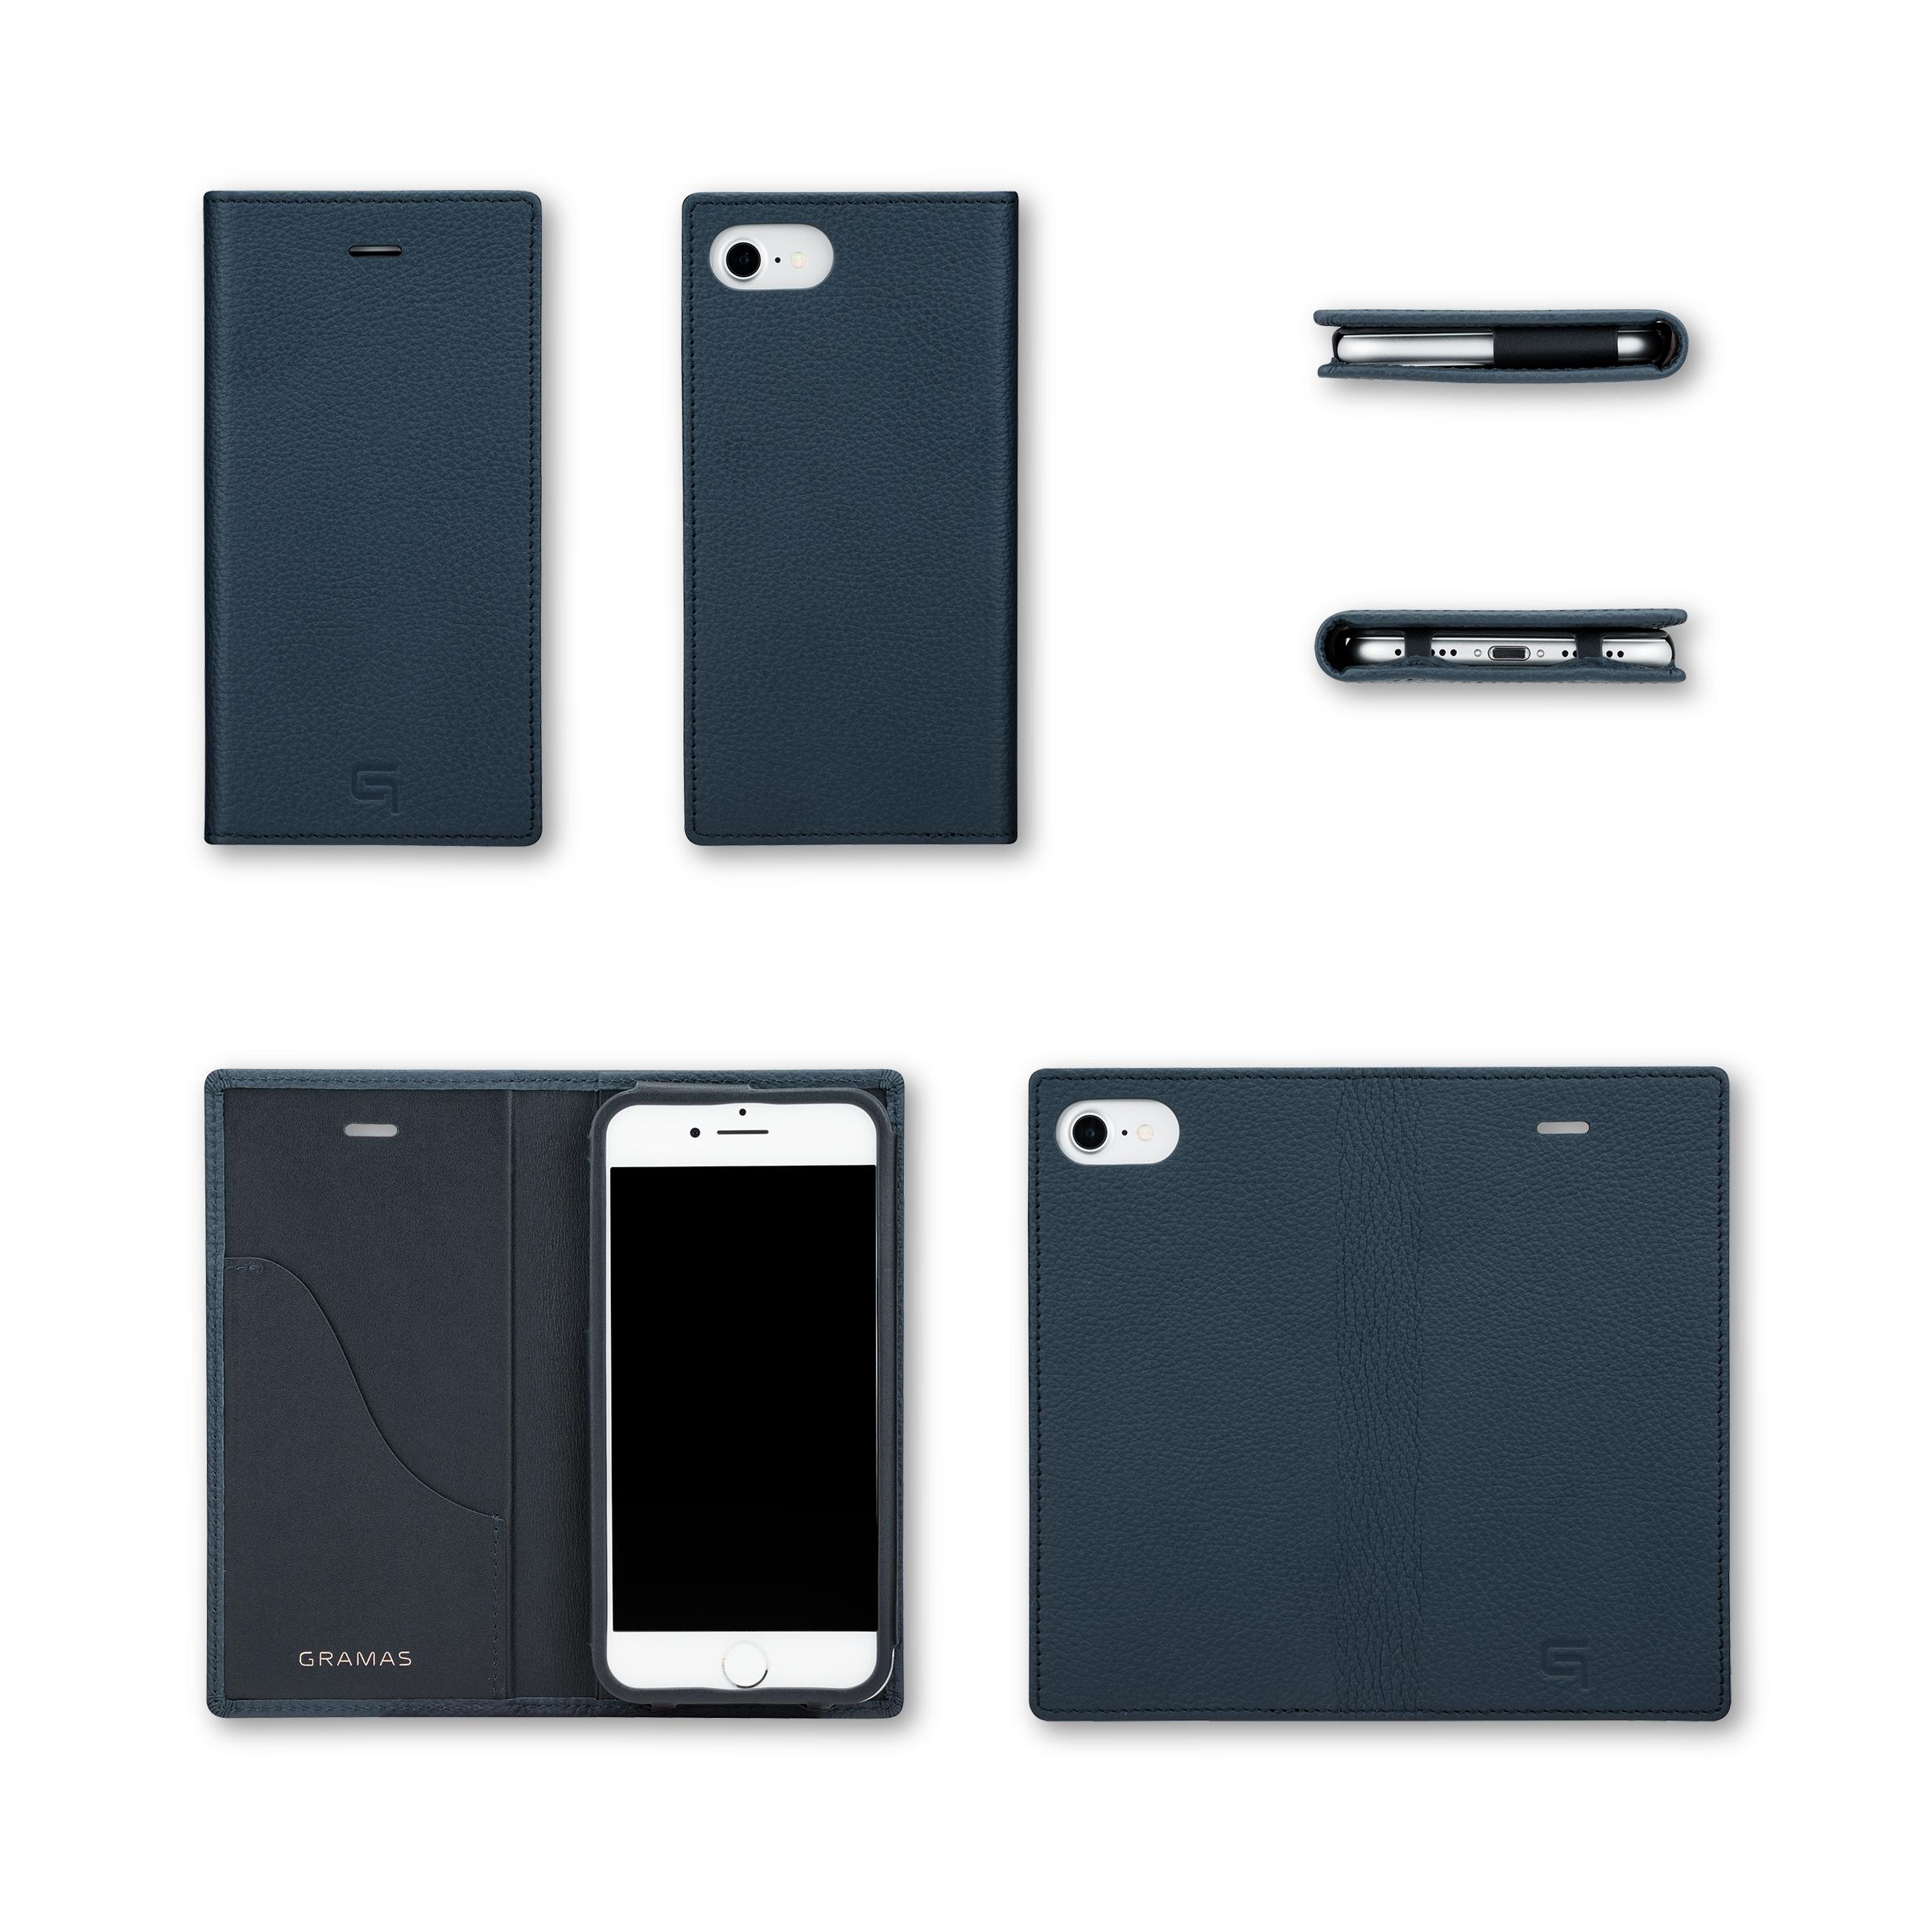 GRAMAS Shrunken-calf Full Leather Case for iPhone 7(Orange) シュランケンカーフ 手帳型フルレザーケース - 画像5